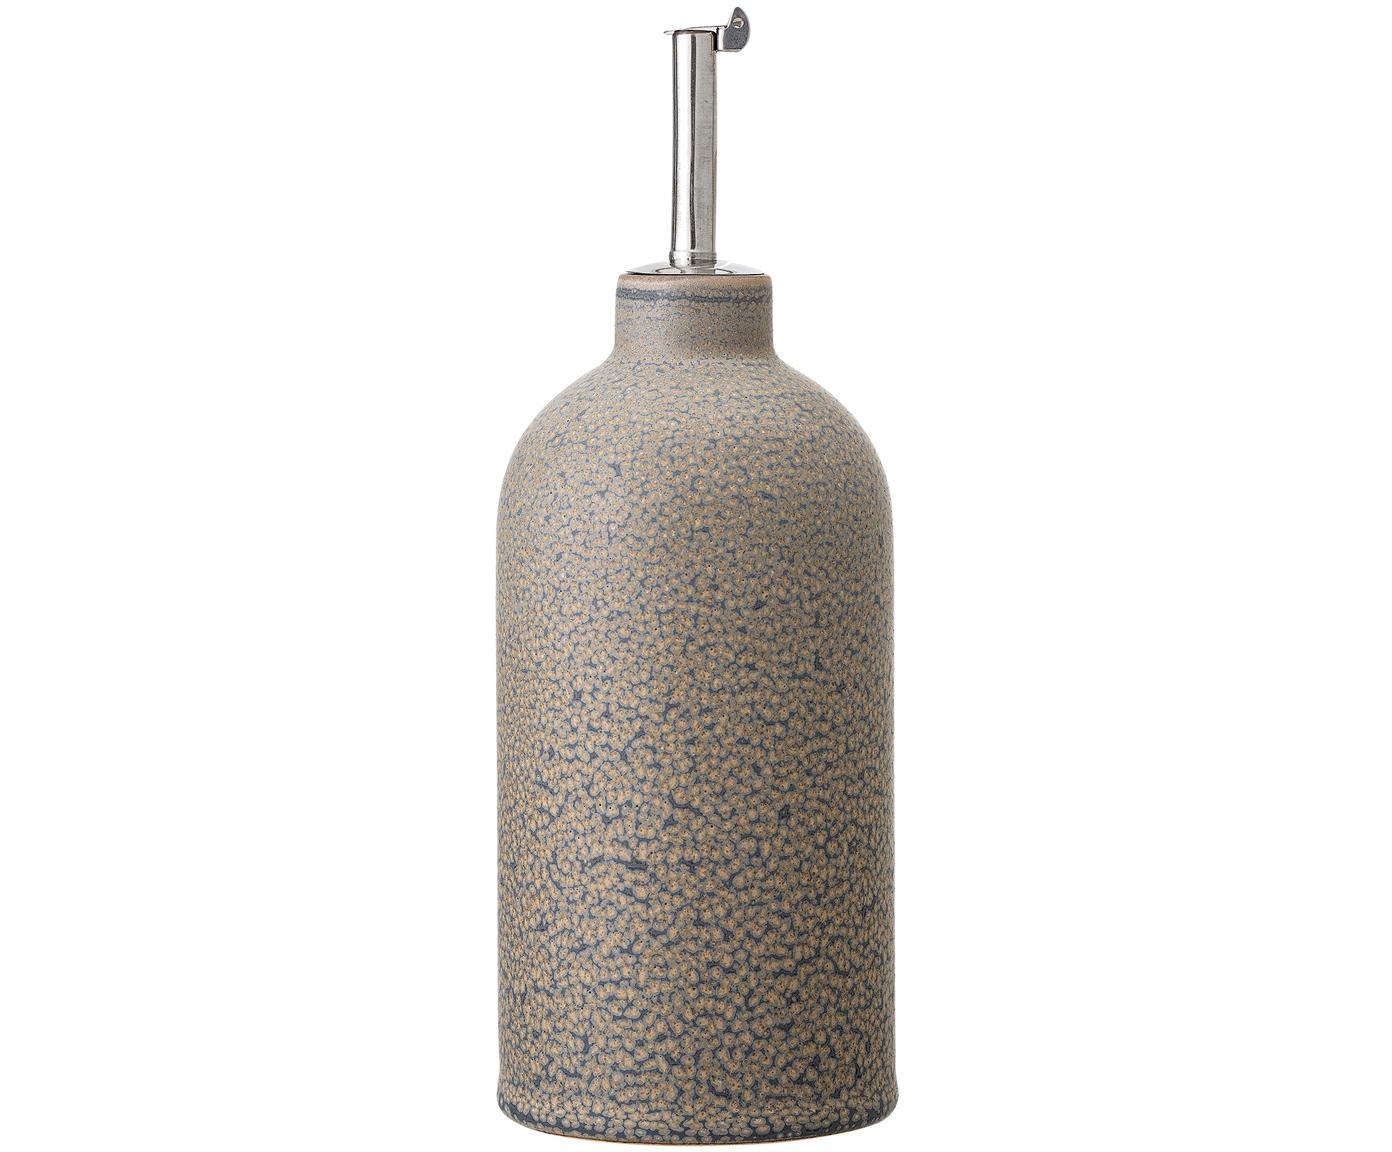 Dispenser olio e aceto fatto a mano Kendra, Terracotta, acciaio inossidabile, Grigio, Ø 8 x Alt. 20 cm